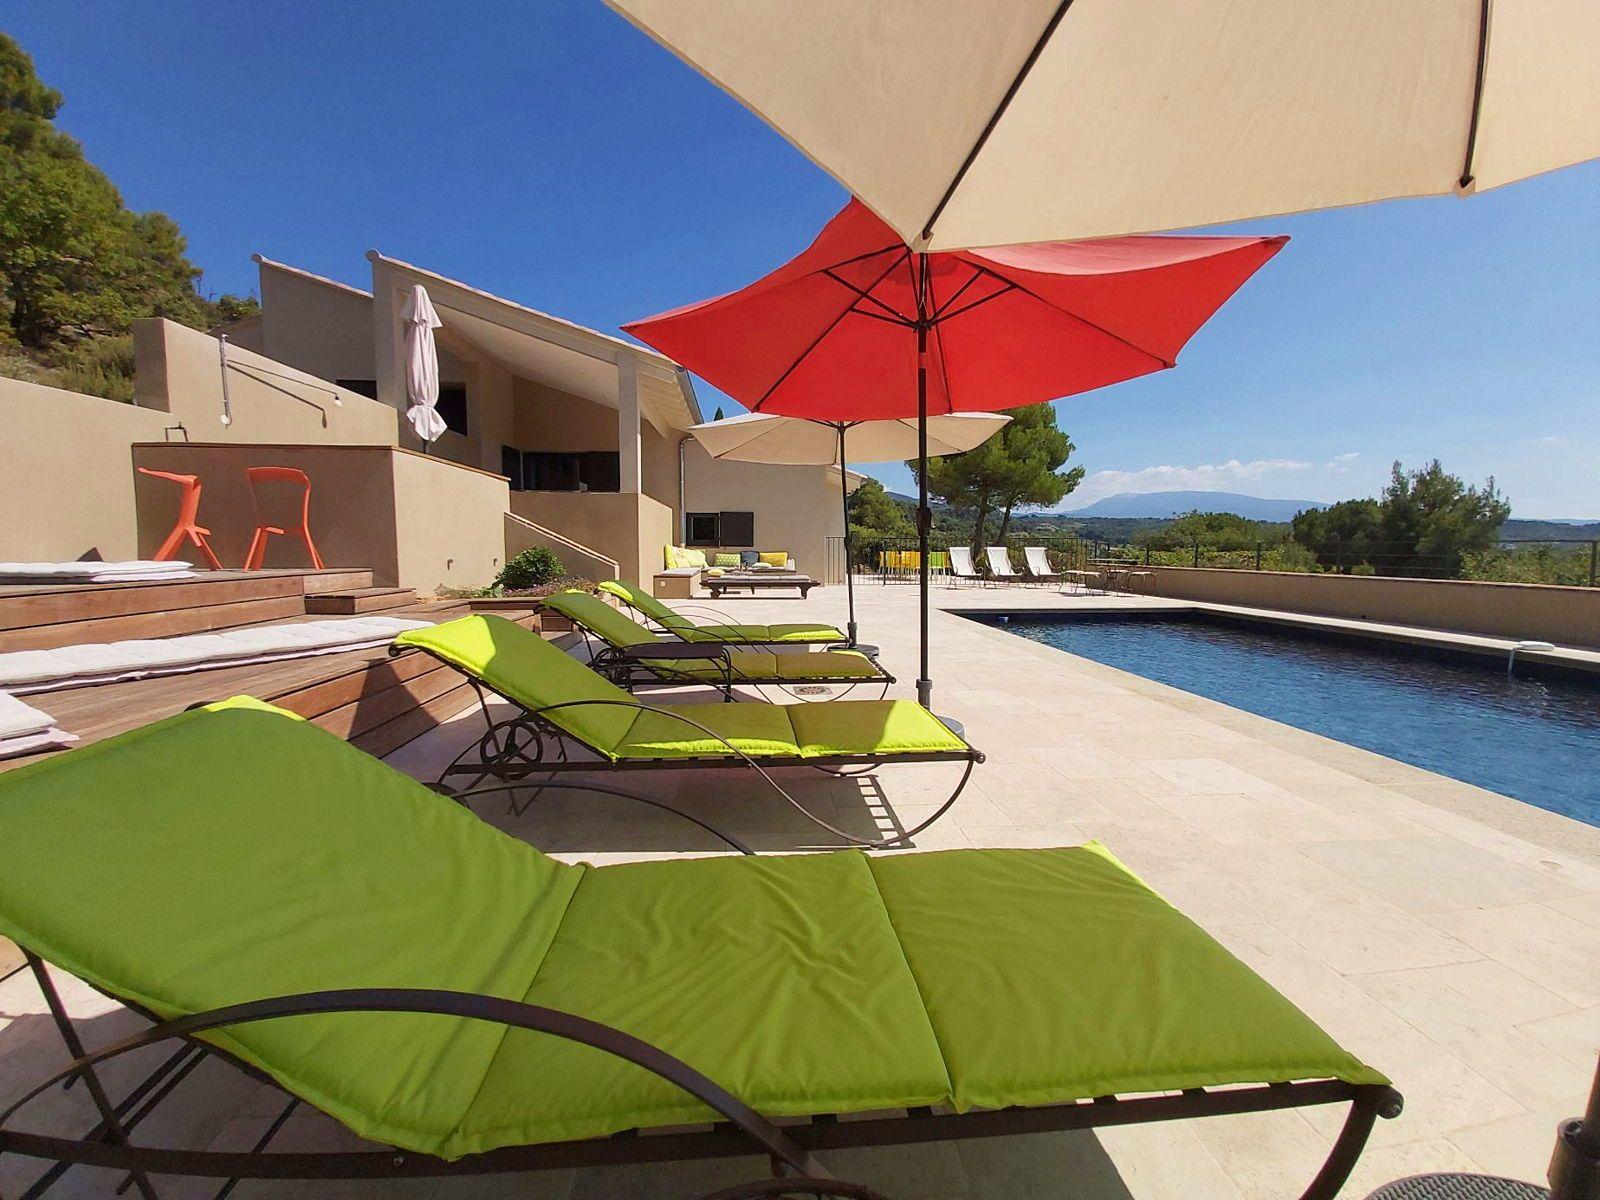 Loue villa moderne vue magnifique piscine, 6chambres, 10/12couchages, Mirabel-aux-Baronnies (26)